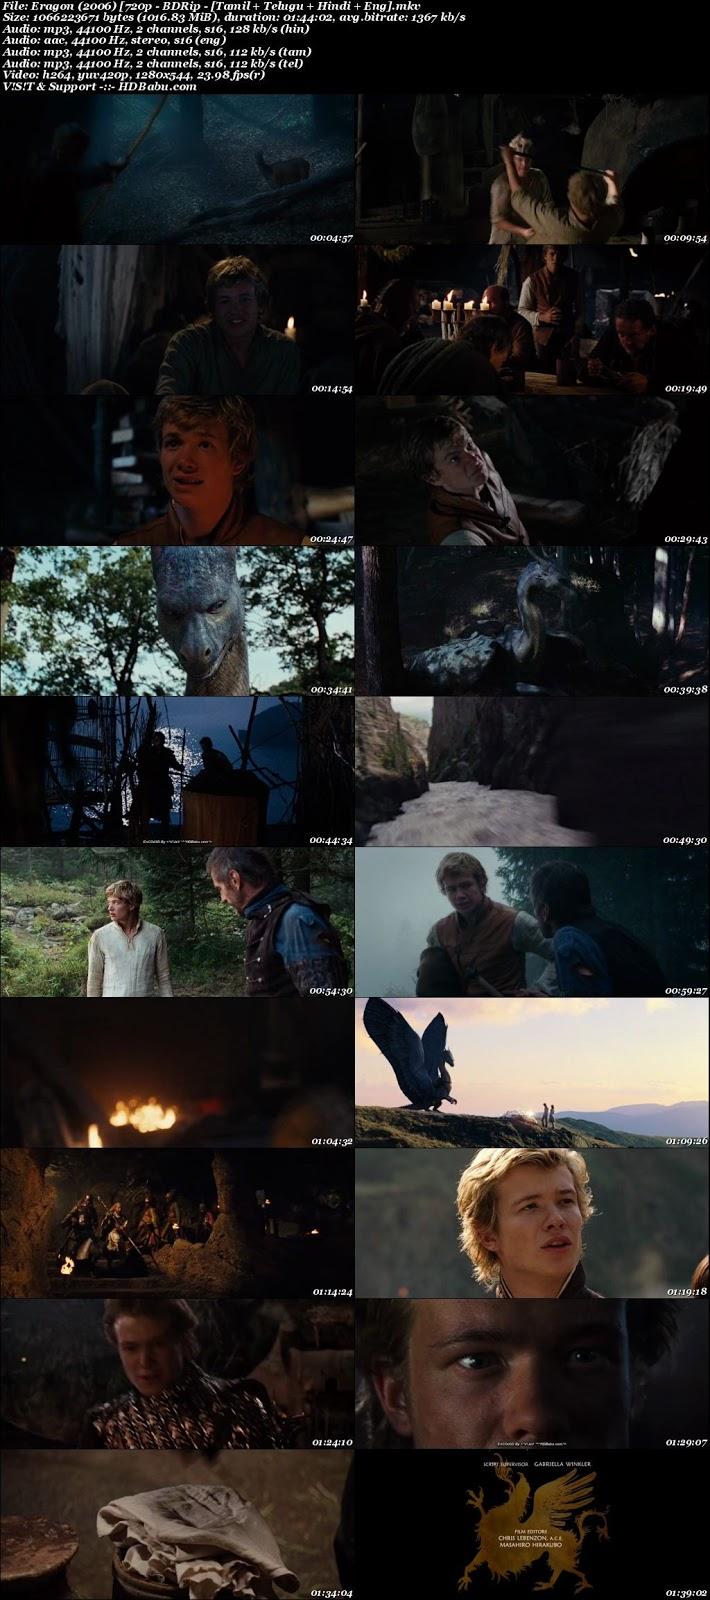 Eragon (2006) [720p - BDRip - [Tamil + Telugu + Hindi + Eng], Eragon Hindi Dual Audio Movie Download free torrent download, watch online